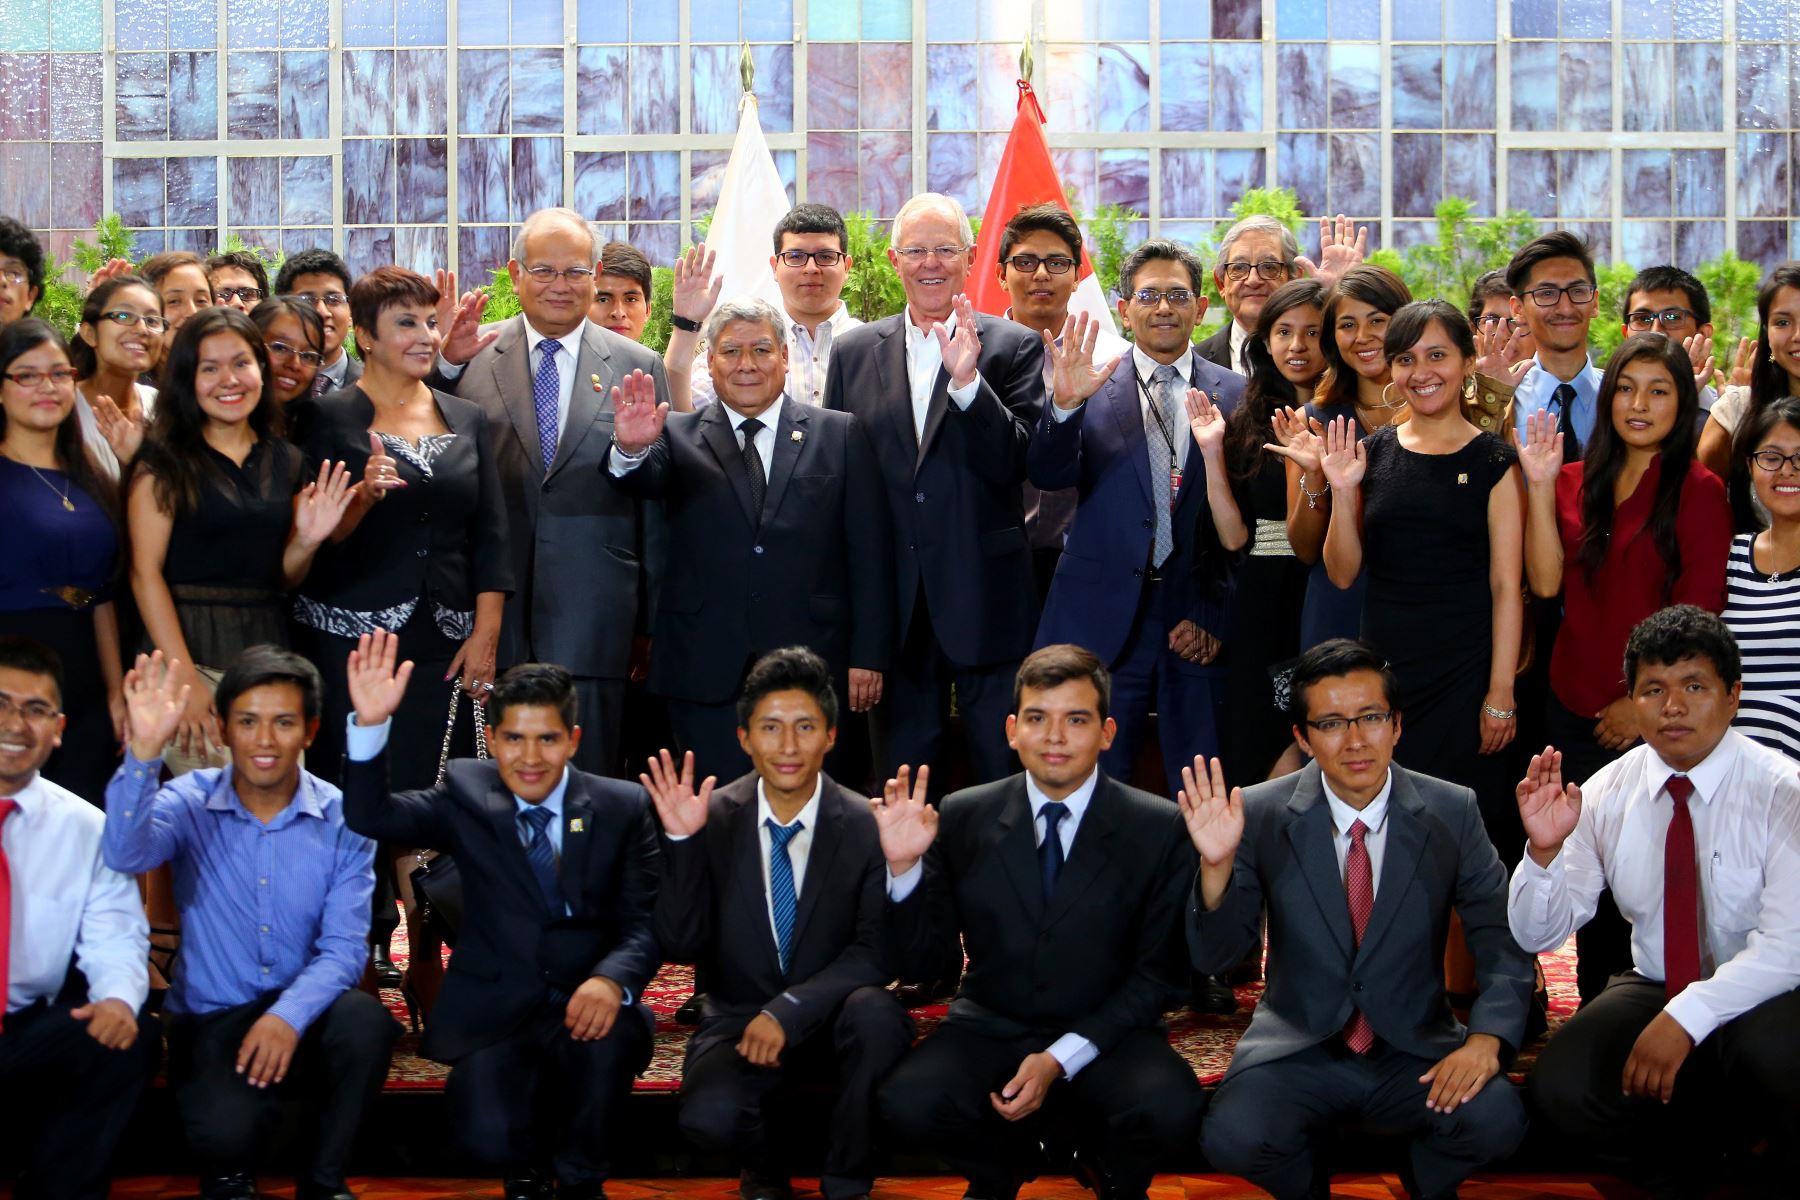 Jóvenes participaron en ceremonia en Palacio de Gobierno. Foto: Presidencia